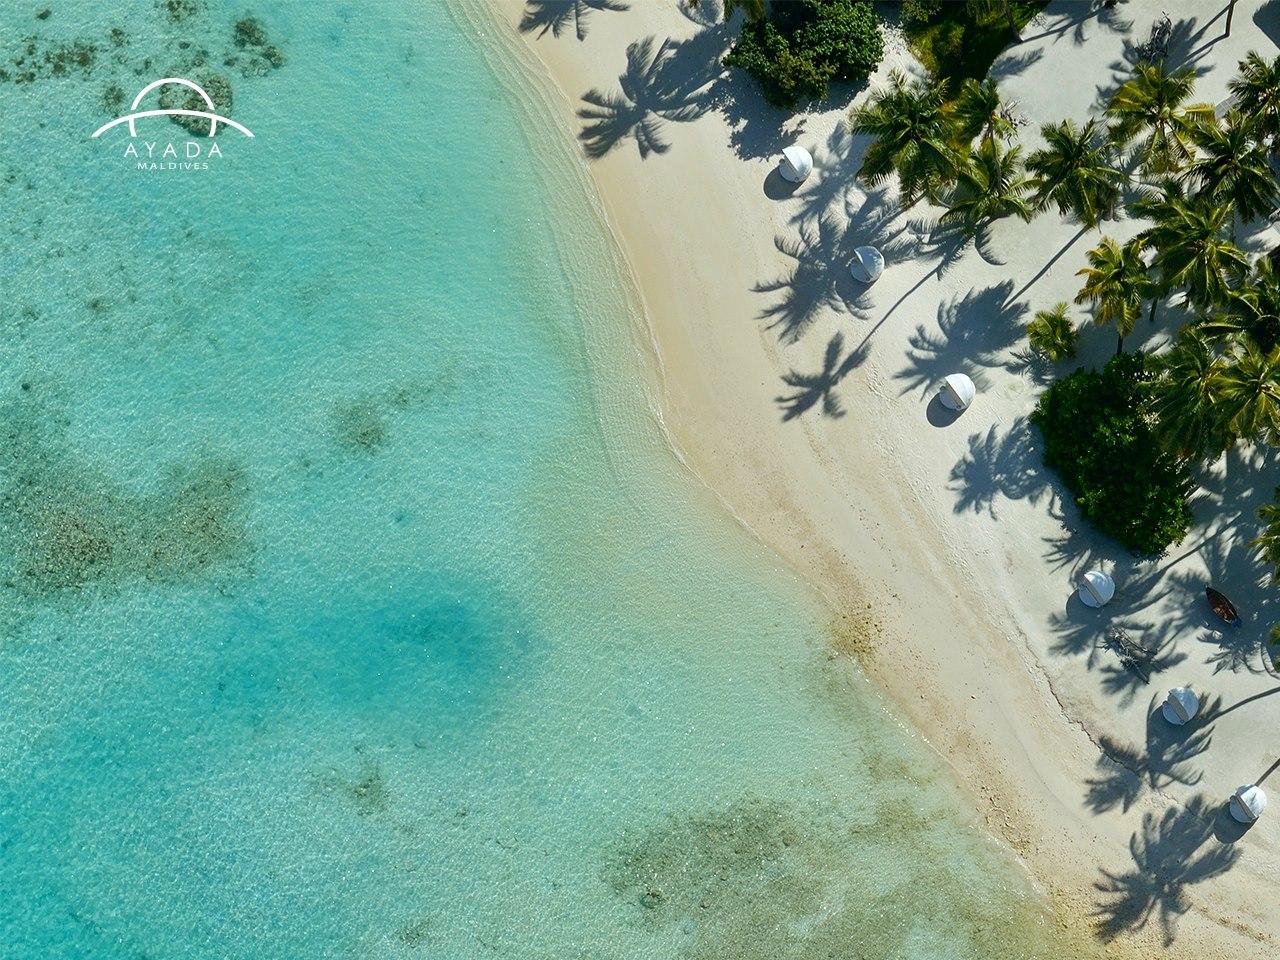 5 Hotels: Ayada Maldives | Love Daily Dose